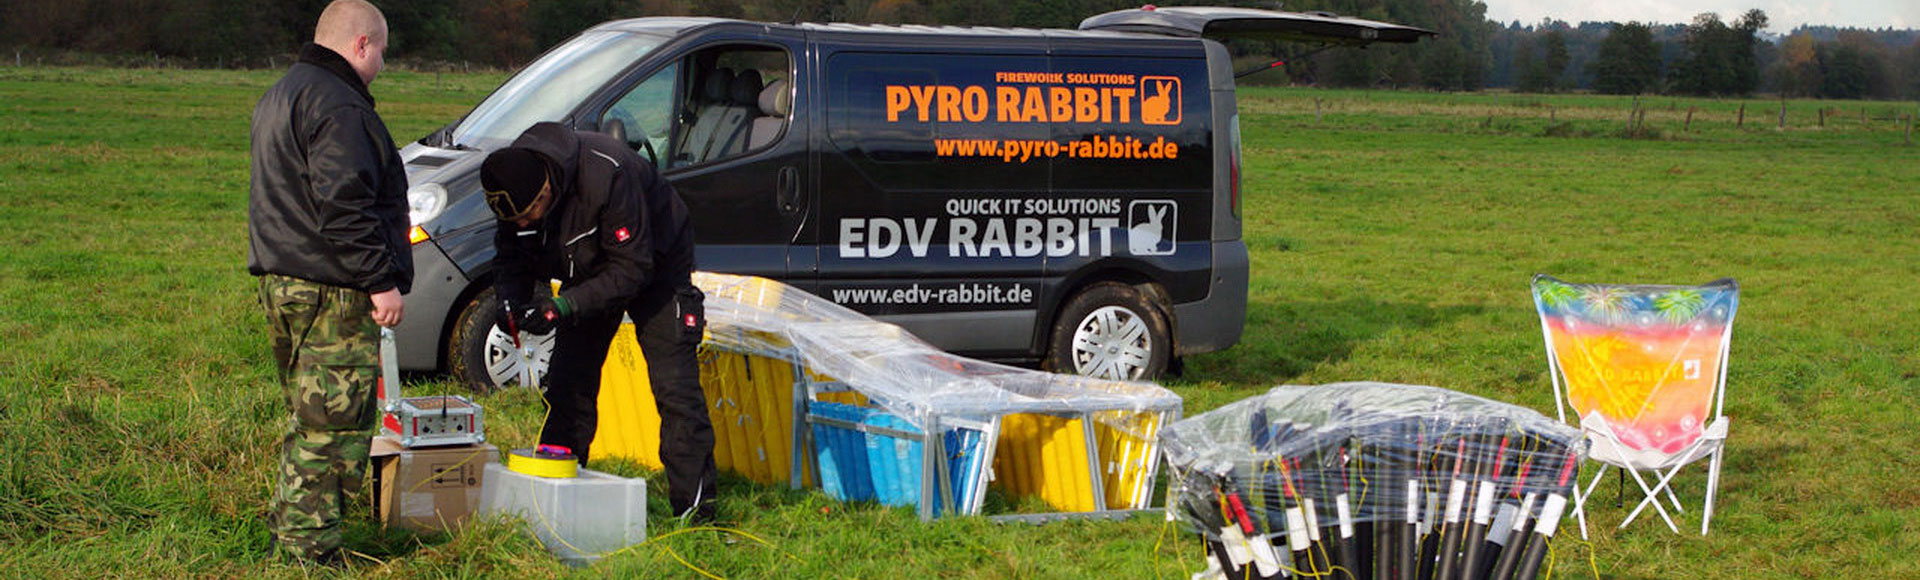 Renault Trafic 2005 Preisausschreiben PyroRabbit